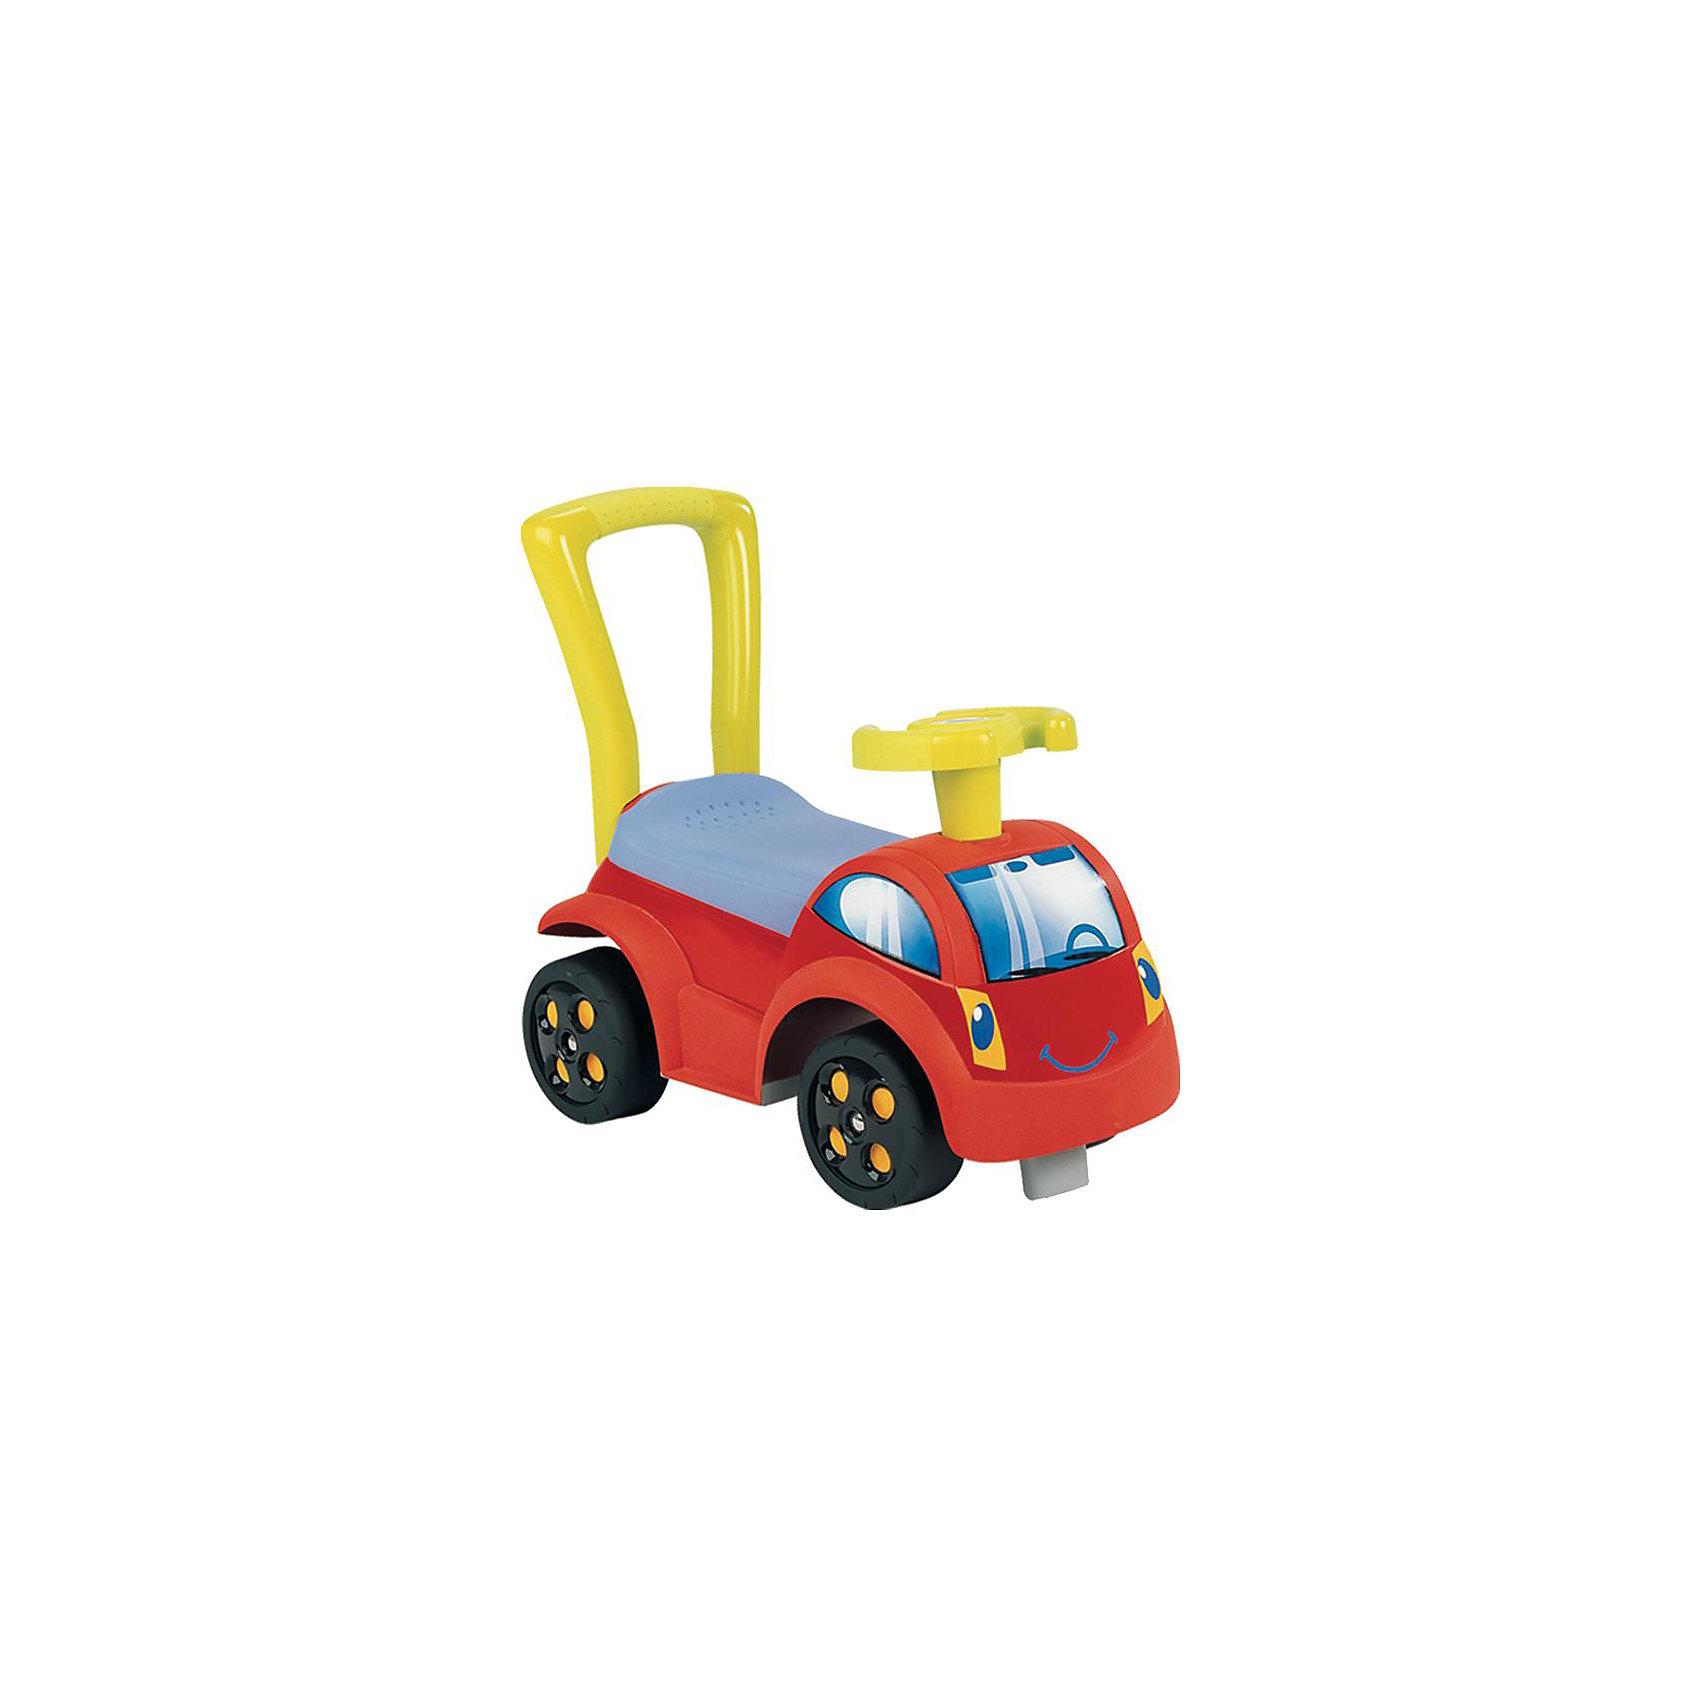 Smoby Каталка веселая машинкаУстойчивая и комфортная машинка-каталка в современном стиле.  <br><br>Малыш может ехать на машине отталкиваясь ногами или при помощи взрослого. Машинка устойчива и удобна: эргономичный руль, широкое сиденье, опорой спинки служит ручка-толкатель, маленький пассажир застрахован от переворачивания. <br><br>Под сиденьем есть место для хранения игрушек и других предметов. <br><br>Особенности товара:<br>+ с 10 месяцев<br>+ грузоподъемность не более 50 кг<br>+ размеры: 42 x 46 x 26 cm<br><br>Ширина мм: 449<br>Глубина мм: 253<br>Высота мм: 196<br>Вес г: 1584<br>Возраст от месяцев: 12<br>Возраст до месяцев: 36<br>Пол: Мужской<br>Возраст: Детский<br>SKU: 1614099